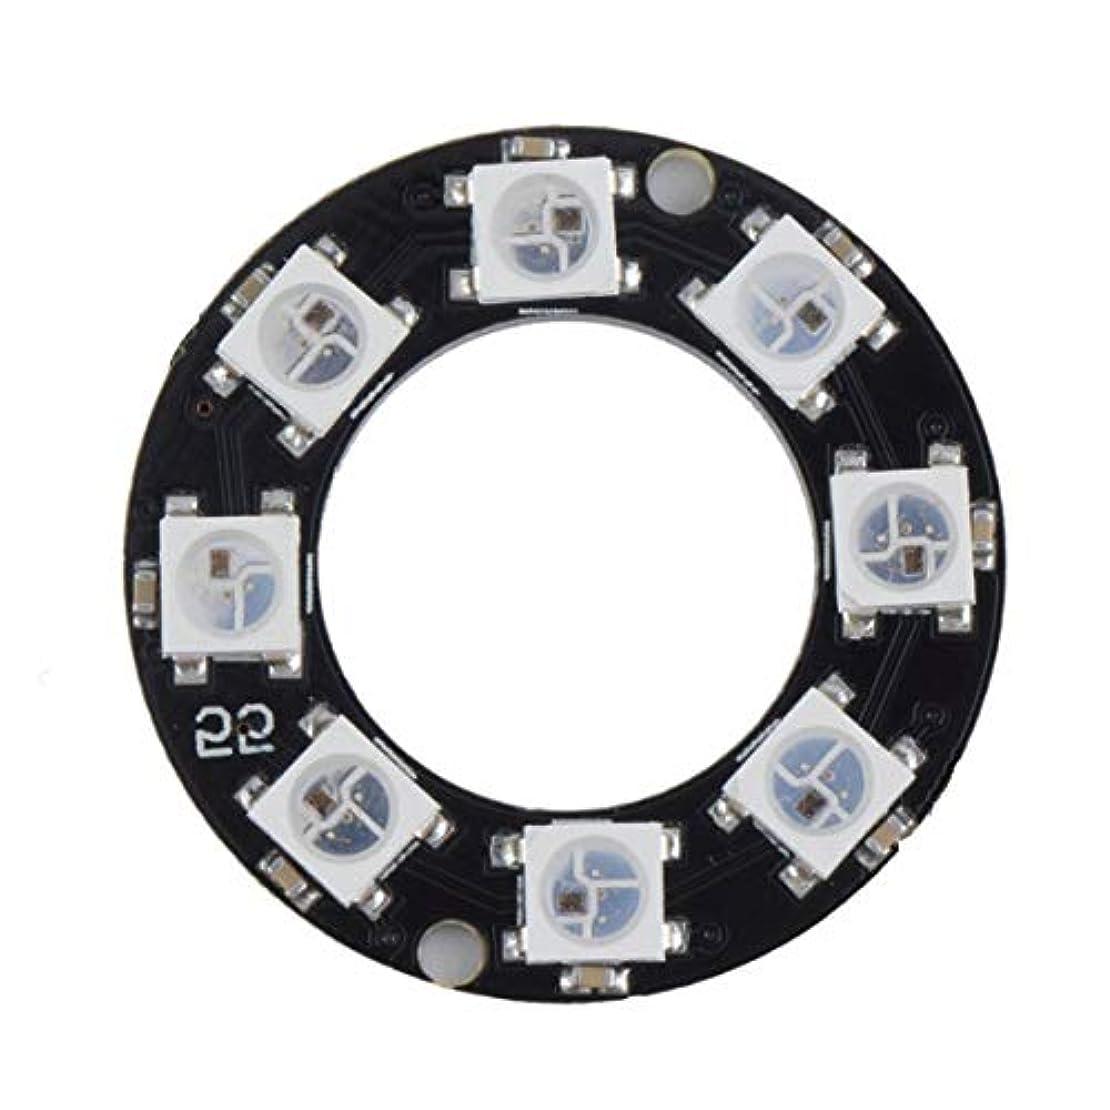 面積検証気づかないTivollyff LEDリング8 x WS2812B 5050 RGB統合ドライバArduino 8ビットY45超高輝度スマートLedリングブラック